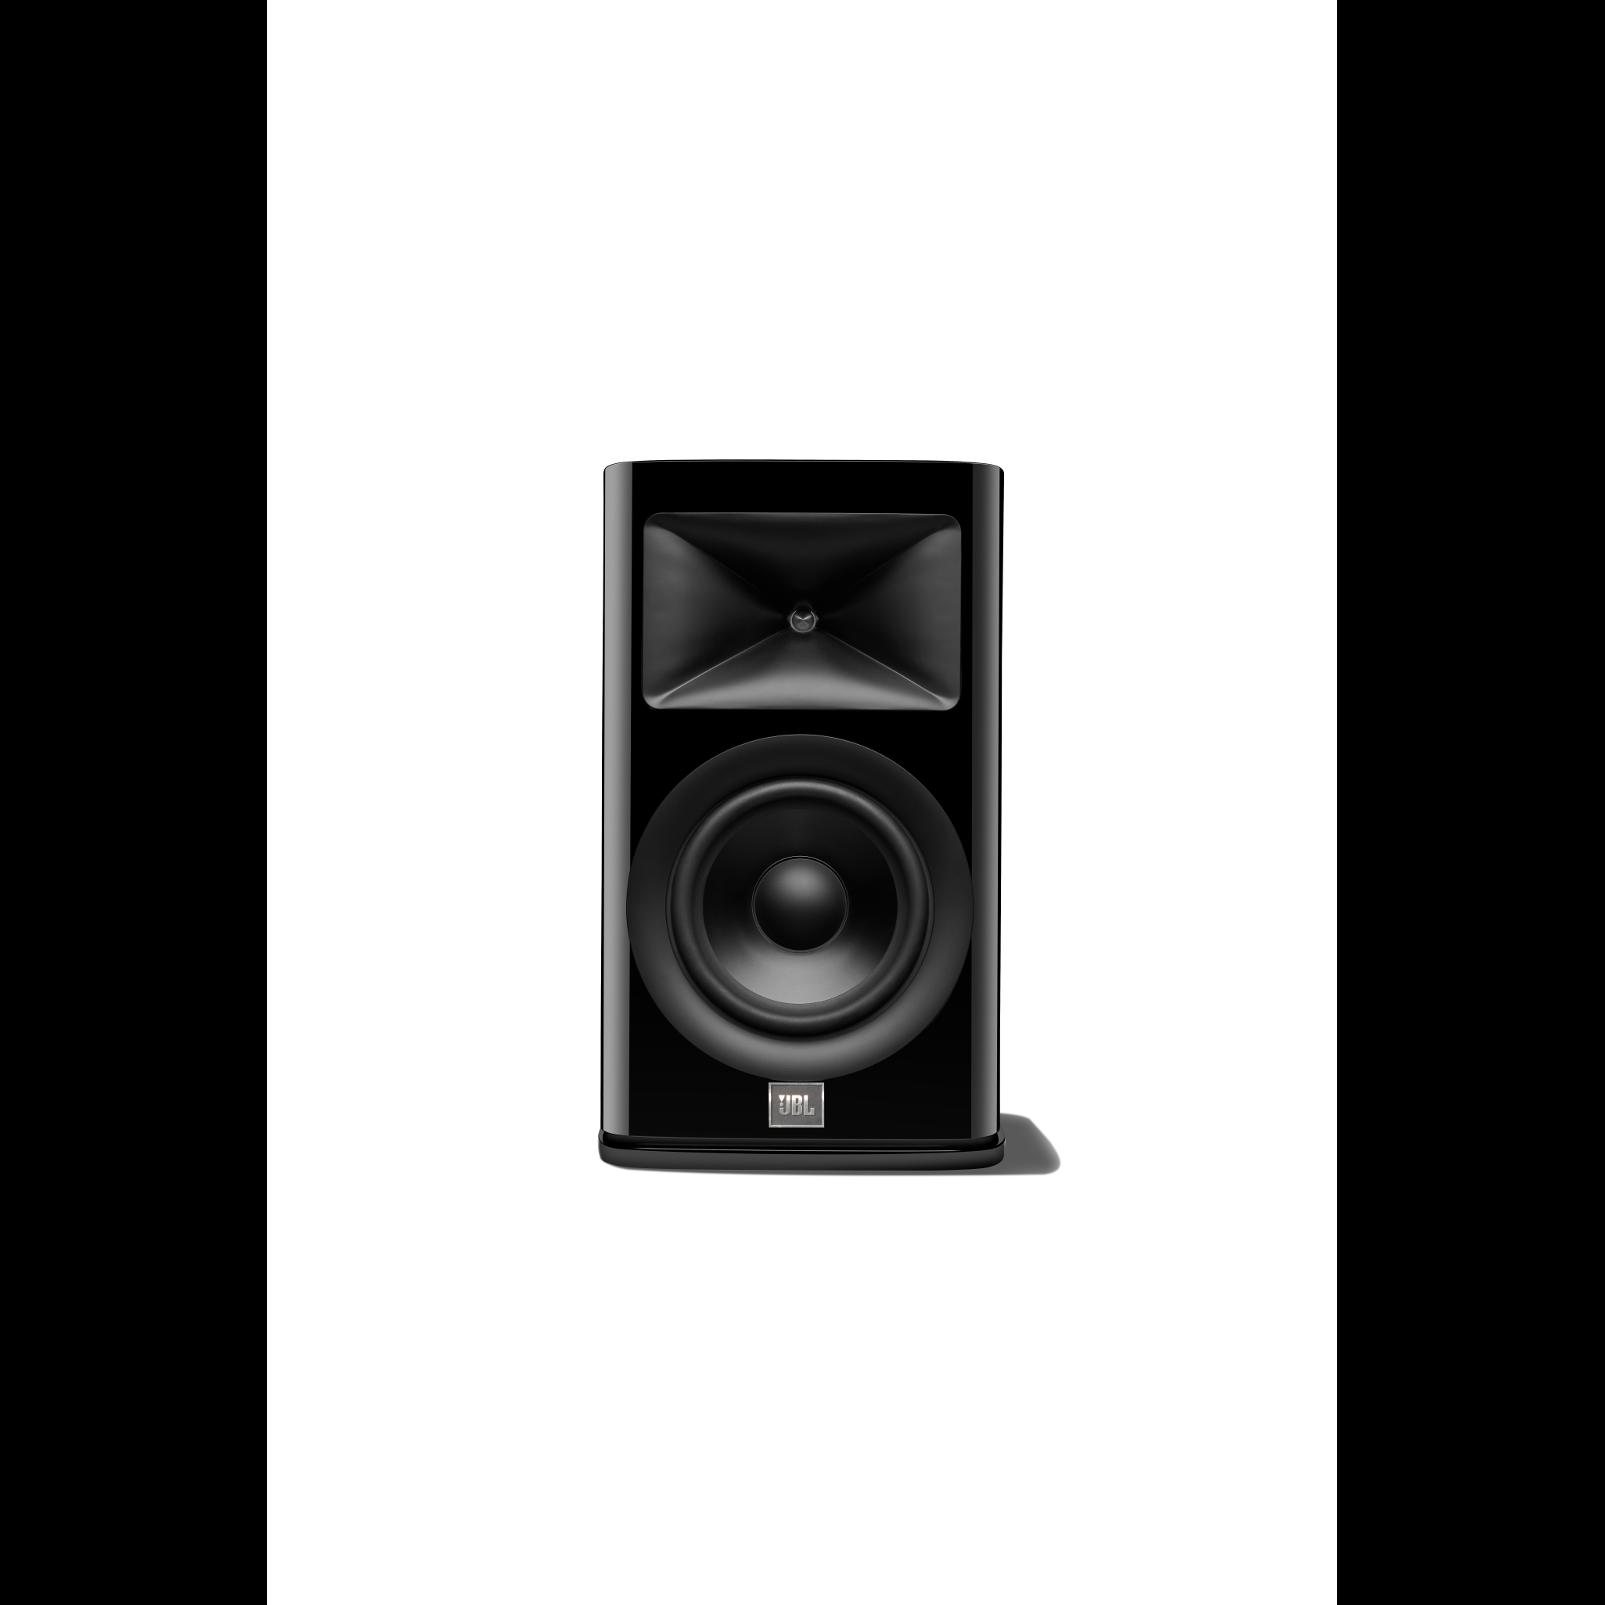 HDI-1600 - Black Gloss - 2-way 6.5-inch (165mm) Bookshelf Loudspeaker - Hero